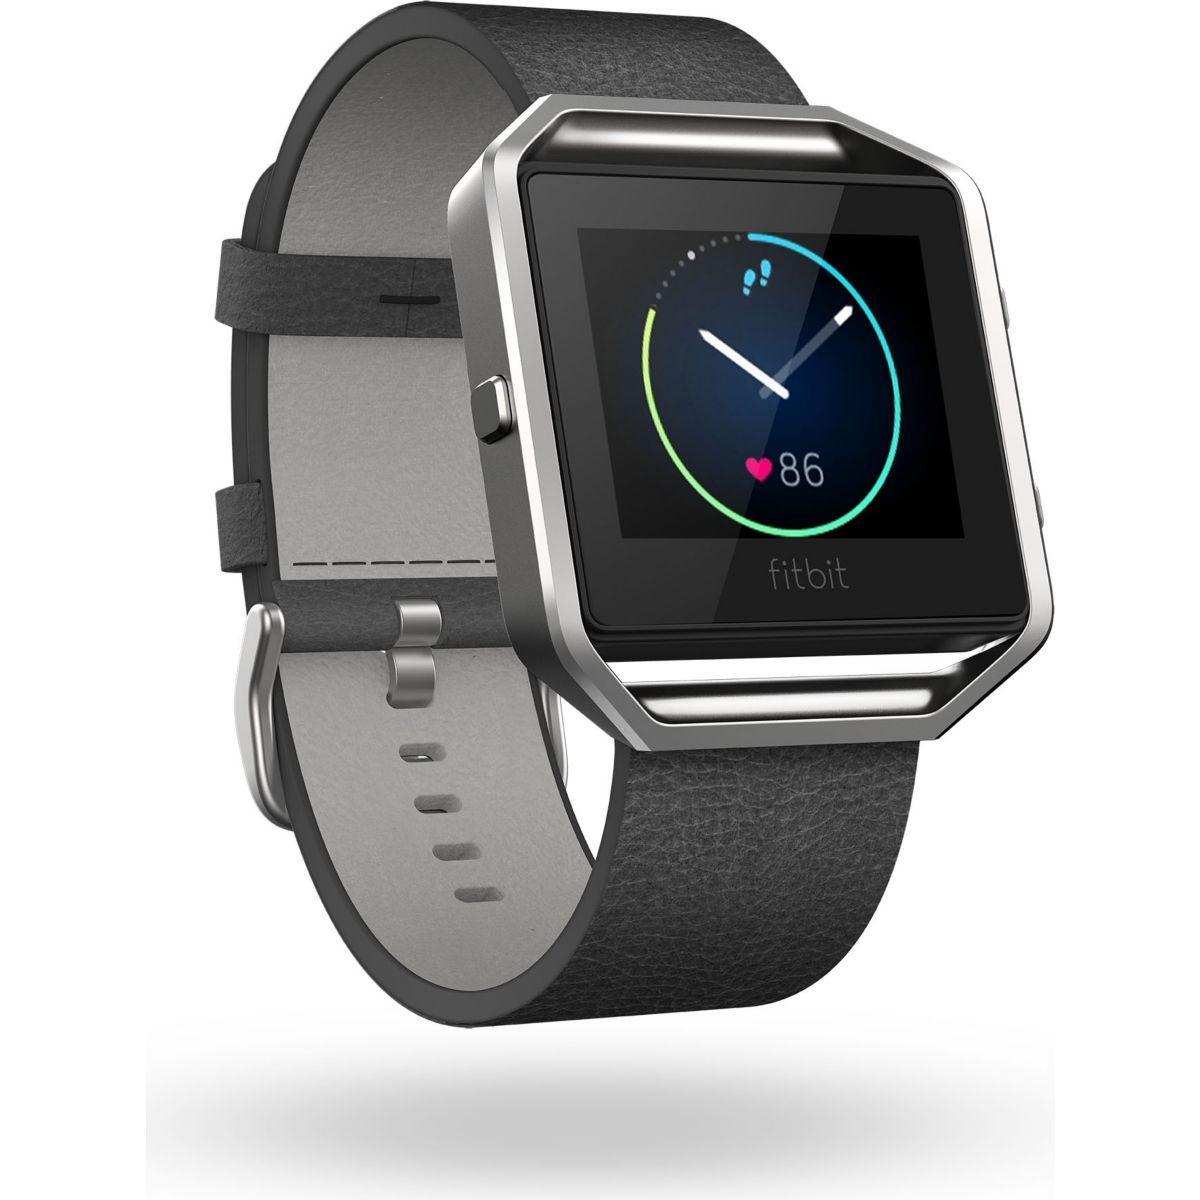 Accessoire fitbit bracelet cuir blaze noir l - 15% de remise immédiate avec le code : top15 (photo)